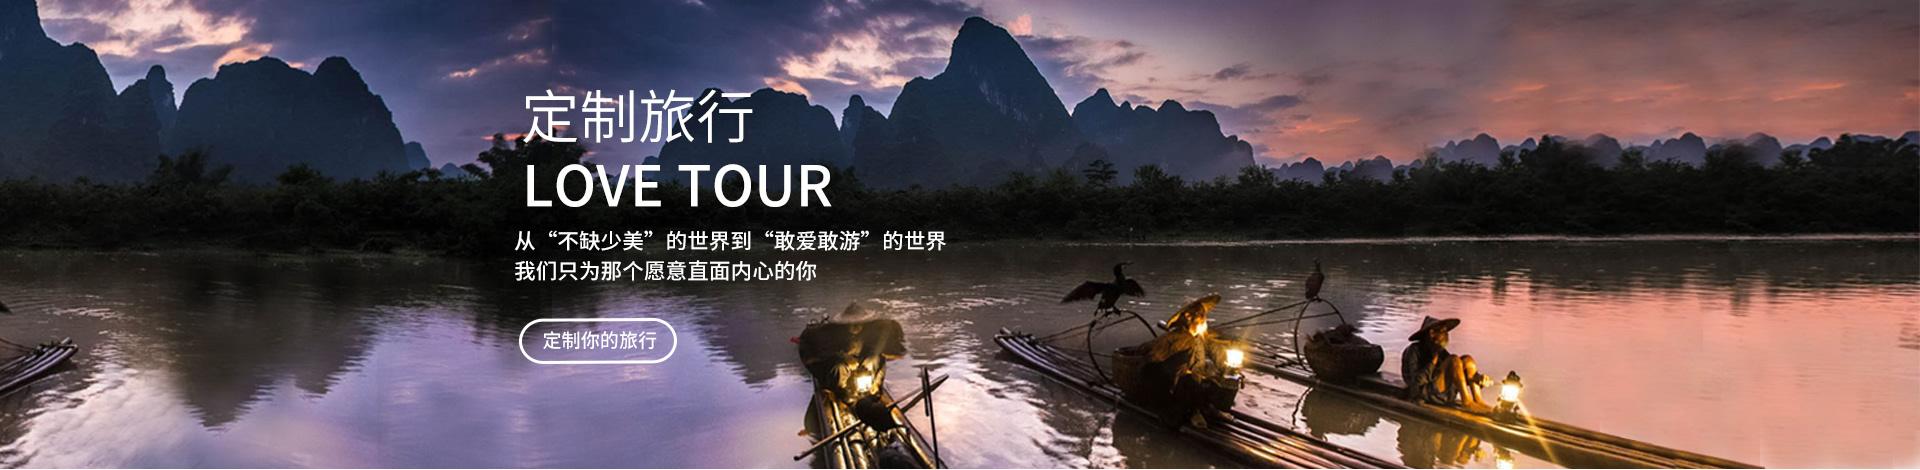 桂林旅游包车游,私人定制旅游